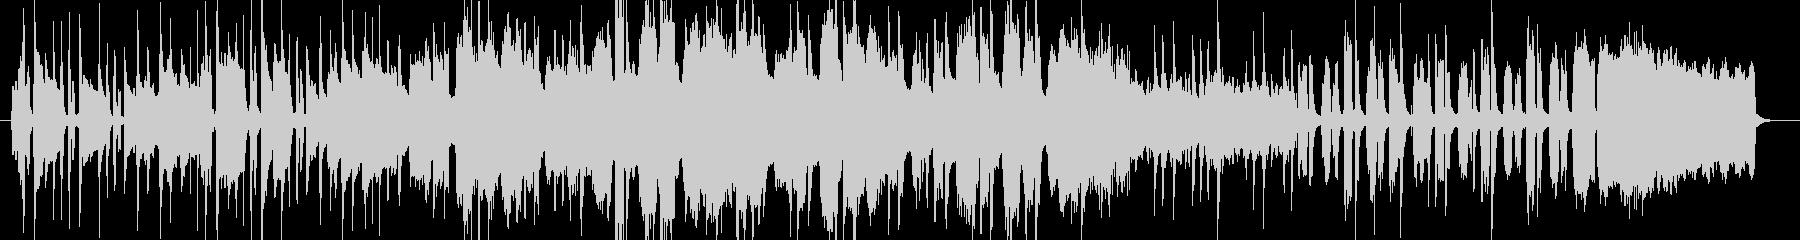 アコーディオンを使った情熱的なBGMの未再生の波形